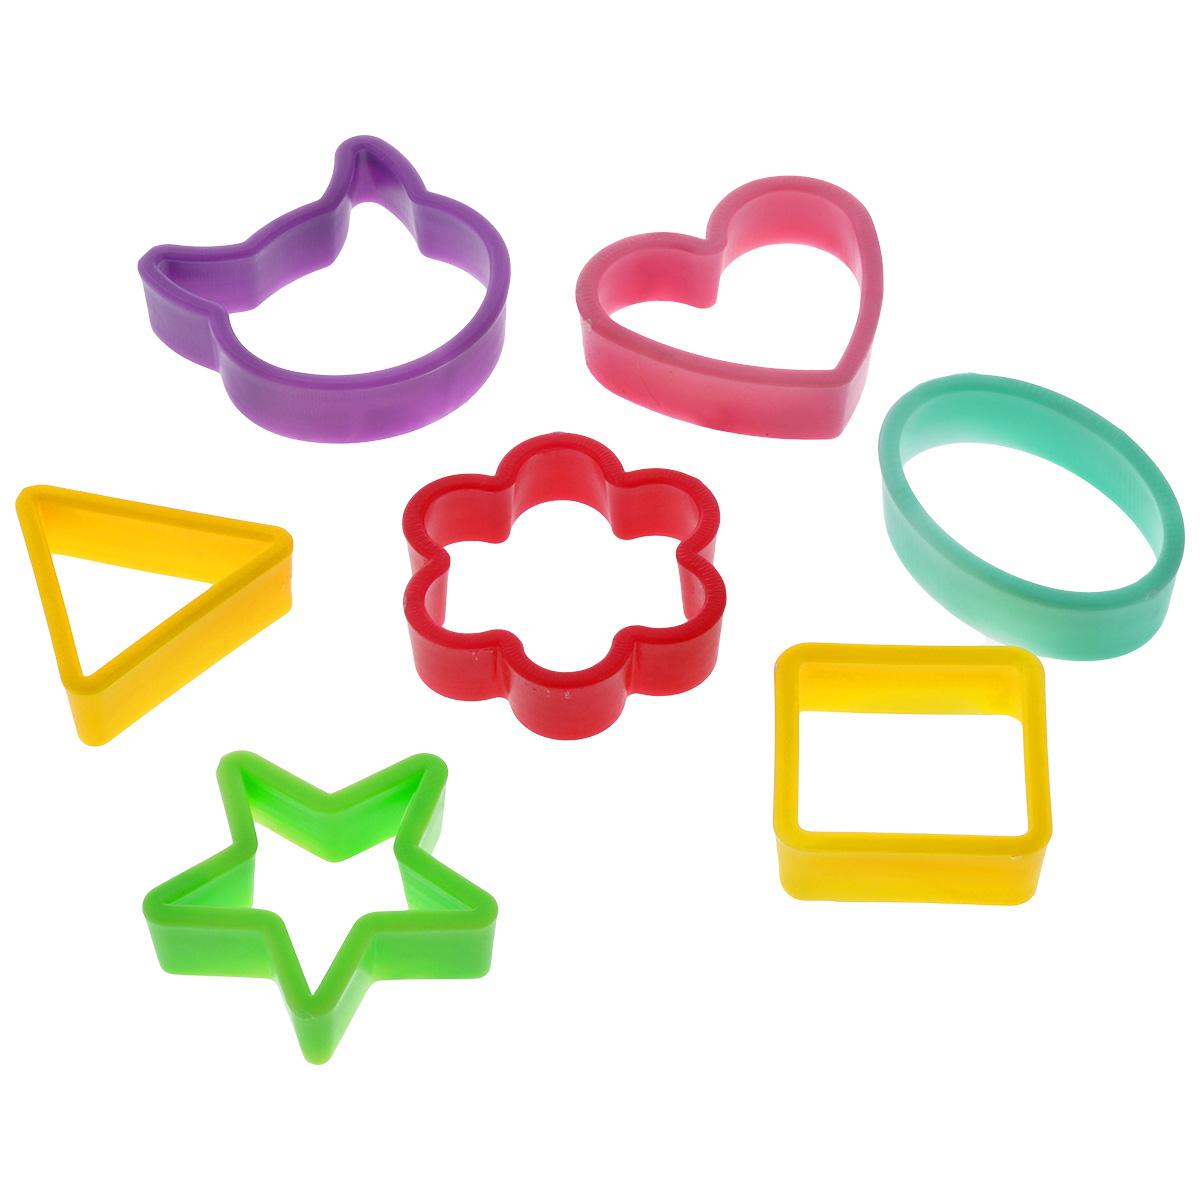 Набор форм для вырезки теста Леденцовая фабрика Геометрические фигуры, 8 предметовВ01Набор форм для печенья Геометрические фигуры состоит из 8 форм для вырезки теста и скобы для их удобного хранения. Формы изготовлены из пластика, пригодного для контакта с пищевыми продуктами. Выполнены в виде различных фигурок. С их помощью можно с легкостью сделать фигурное печенье или красиво оформить бутерброд. Такой набор поможет сделать аппетитную, вкусную и интересную выпечку, которая обязательно придется по душе и взрослым, и детям.Размер формочек: квадрат: 4,7 см, сердце: 6 см, треугольник: 5 см, звезда: 6 см, овал: 6,5 см, кошечка: 6,5 см, цветочек: 6 см, скоба: 8,5 см.УВАЖАЕМЫЕ КЛИЕНТЫ! Обращаем ваше внимание на возможные изменения в цветовом дизайне, связанные с ассортиментом продукции. Поставка осуществляется в зависимости от наличия на складе.